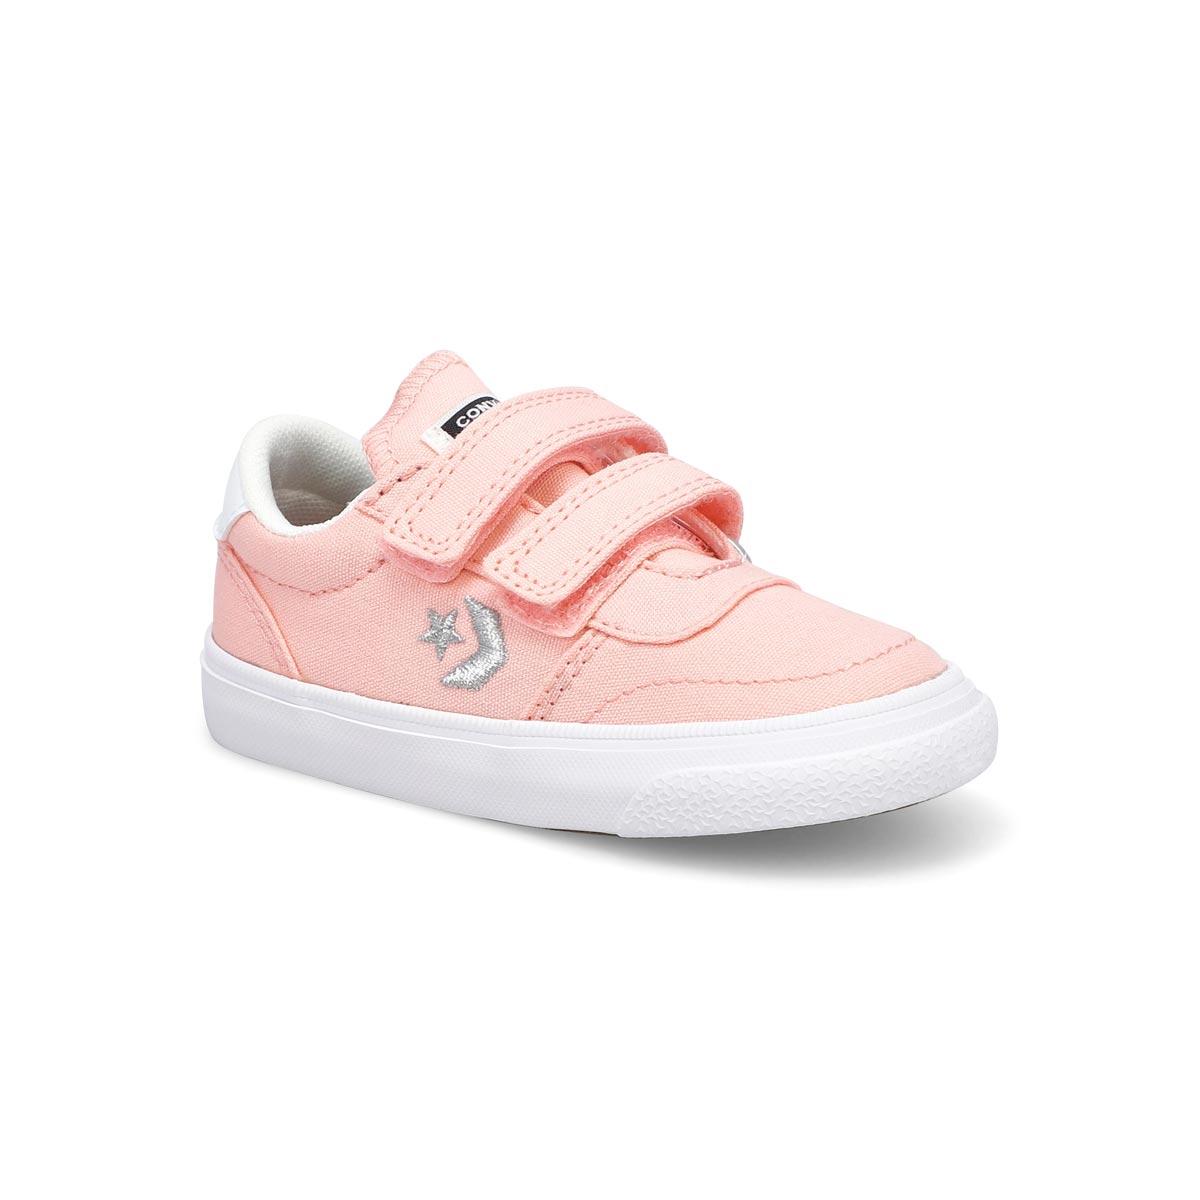 Infants' Boulevard 2V Sneaker - Pink/White/Black